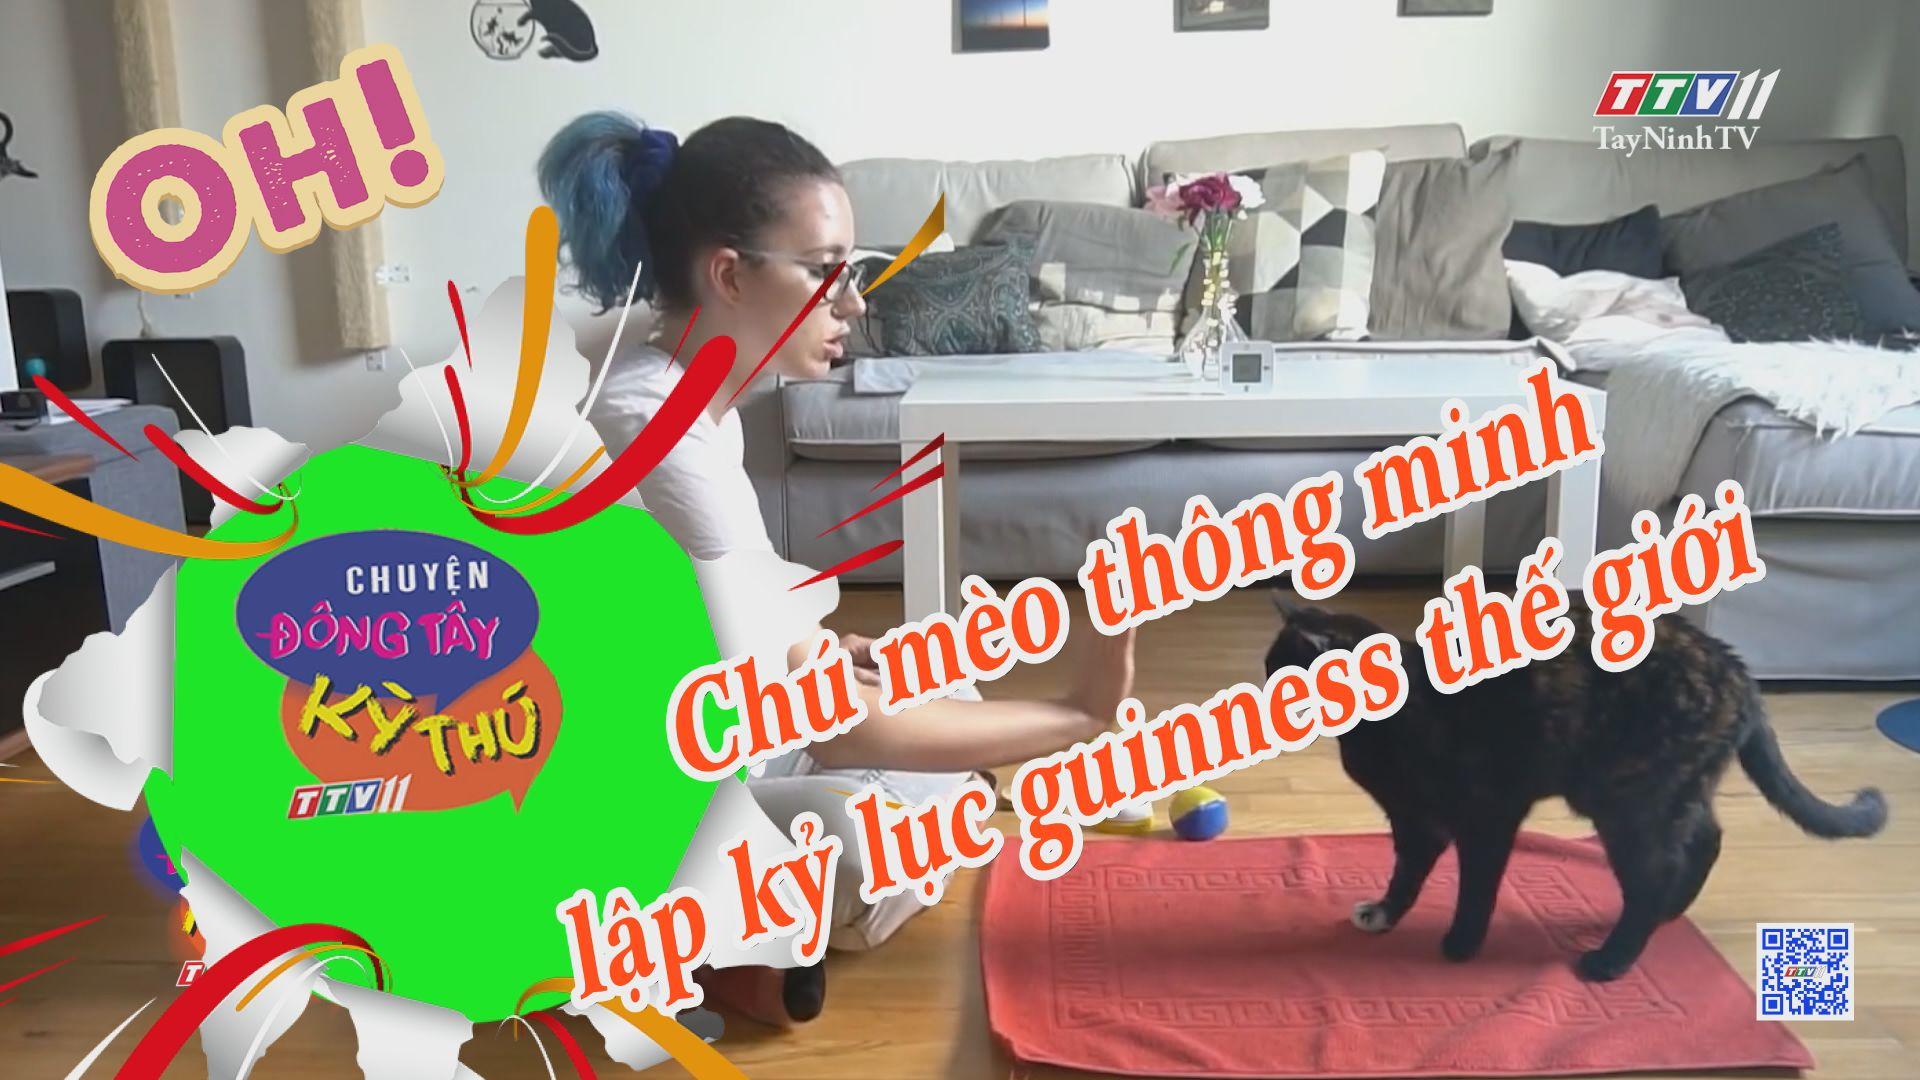 Chú mèo thông minh lập kỷ lục guinness thế giới | CHUYỆN ĐÔNG TÂY KỲ THÚ | TayNinhTVE